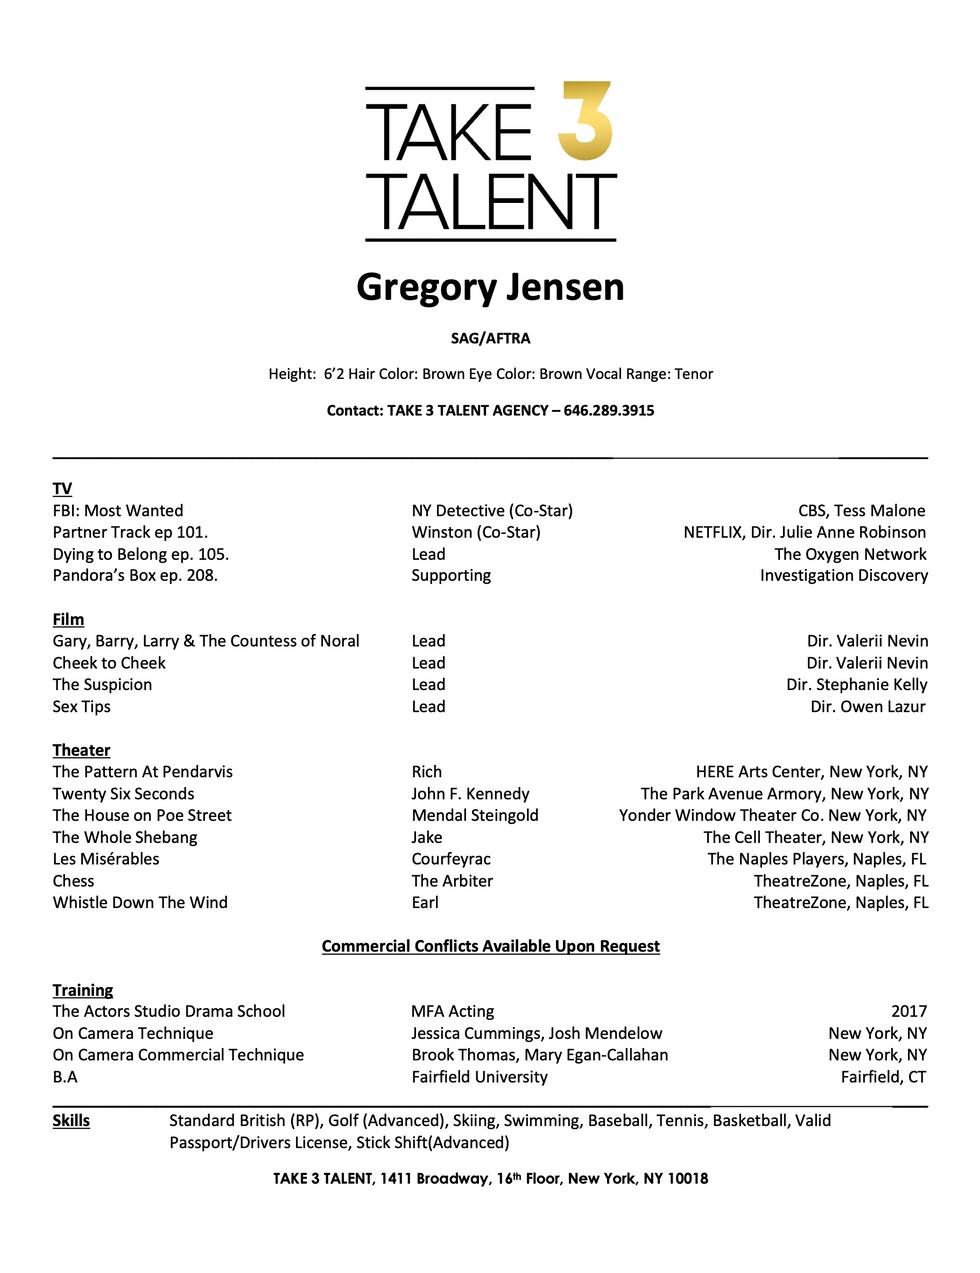 Gregory Jensen Resume.png